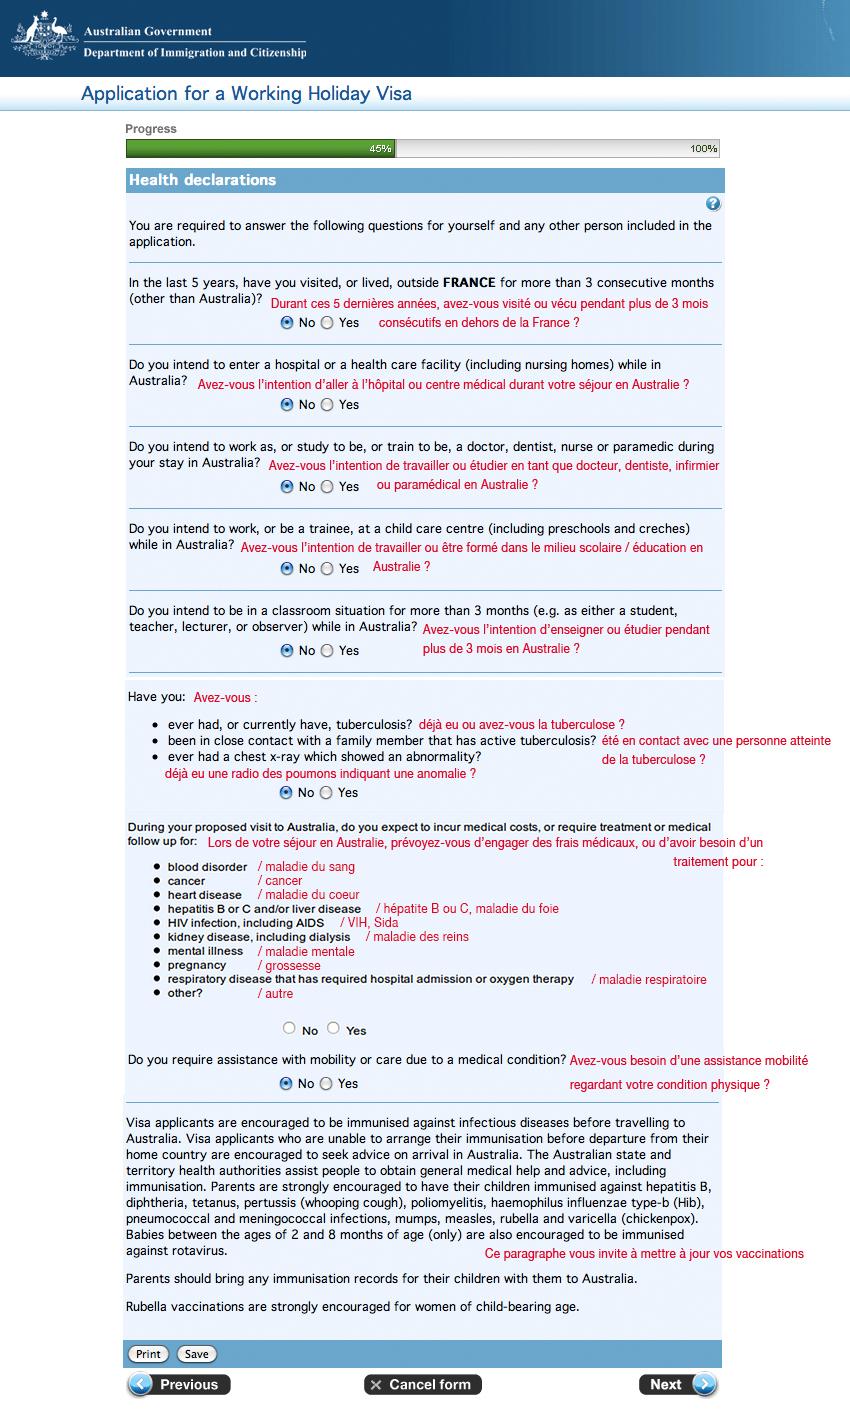 tutoriel whv australie 9